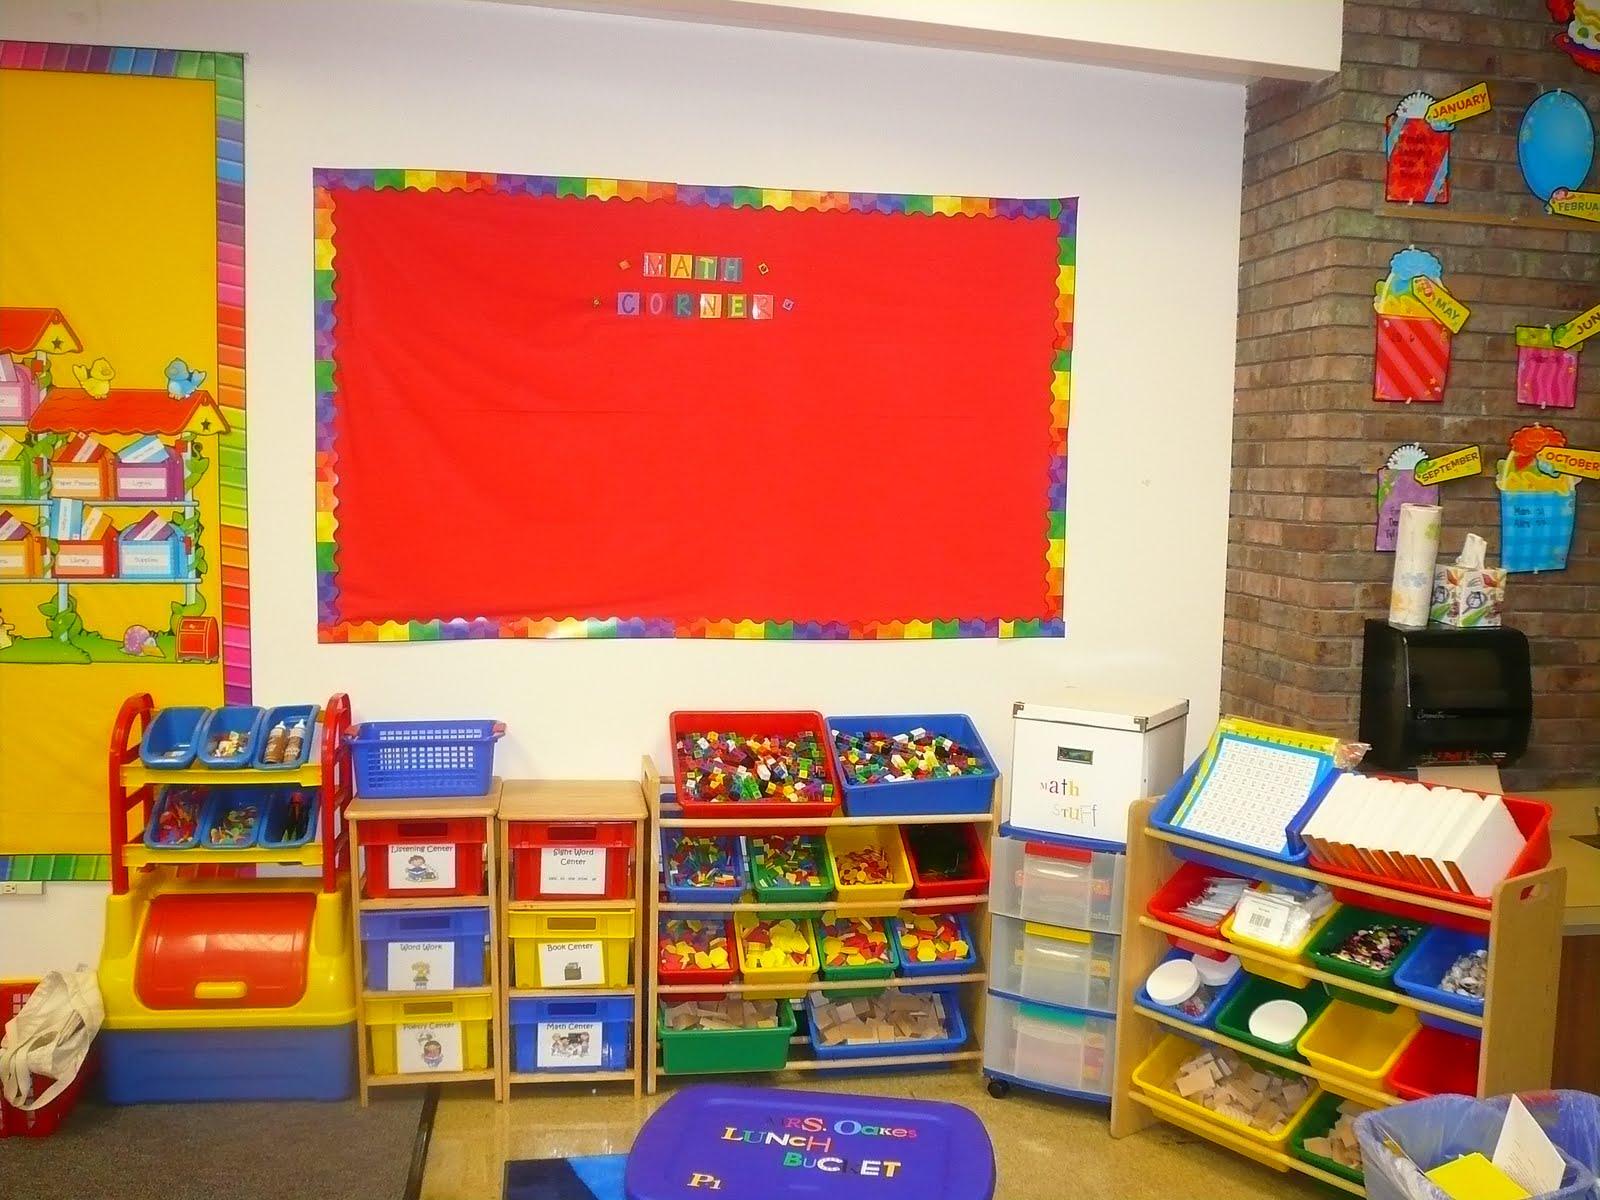 Classroom Center Ideas ~ Get inspired math centers clutter free classroom